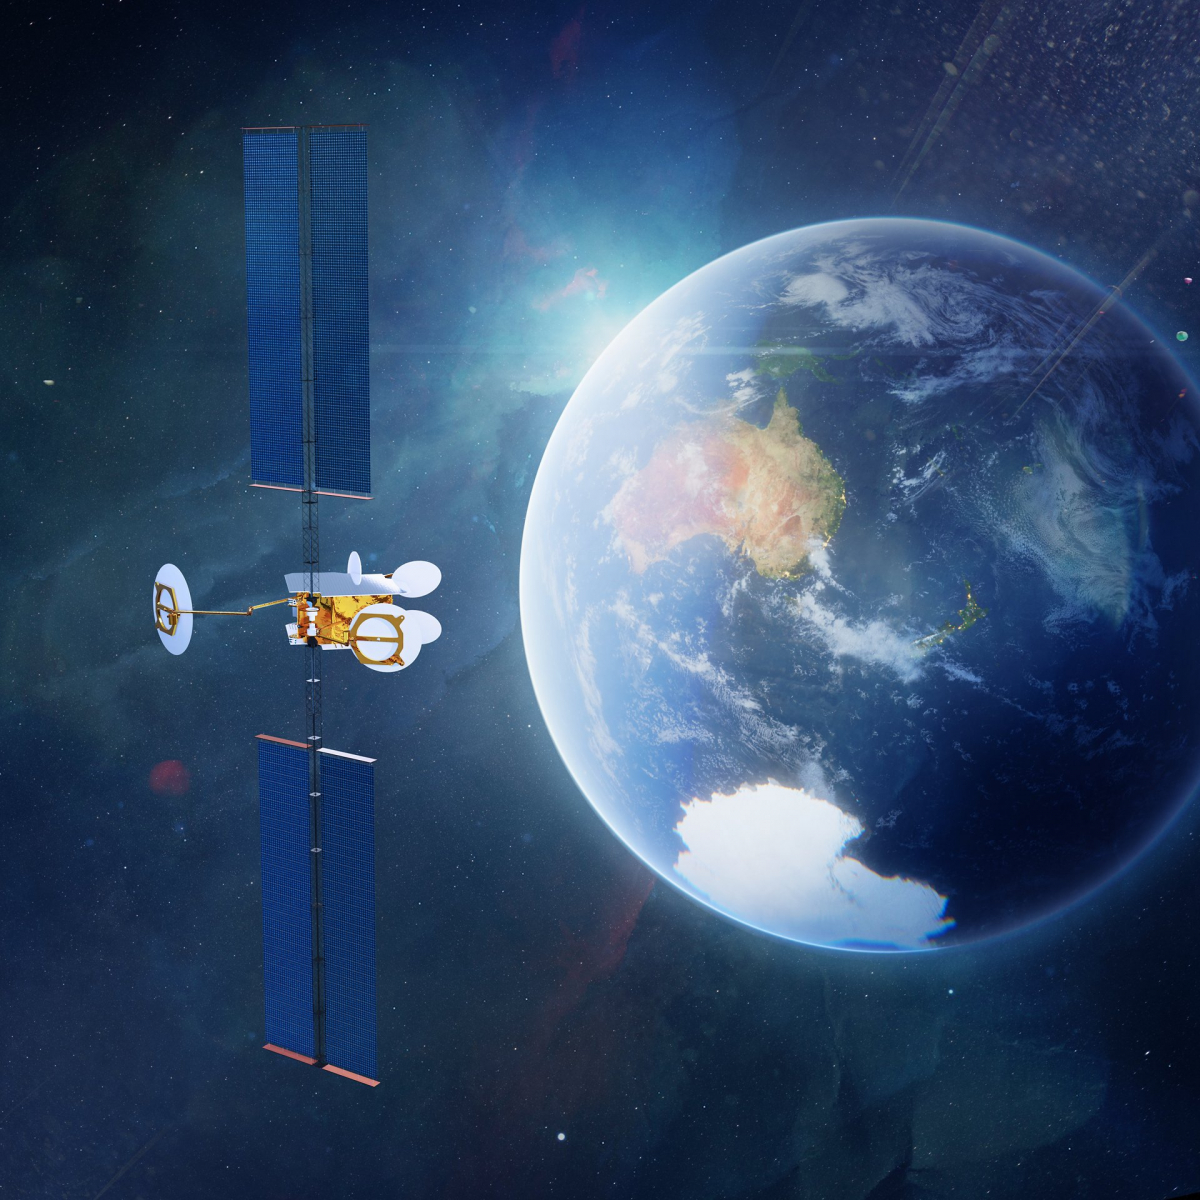 L'opérateur australien Optus commande un satellite OneSat à Airbus Defence and Space